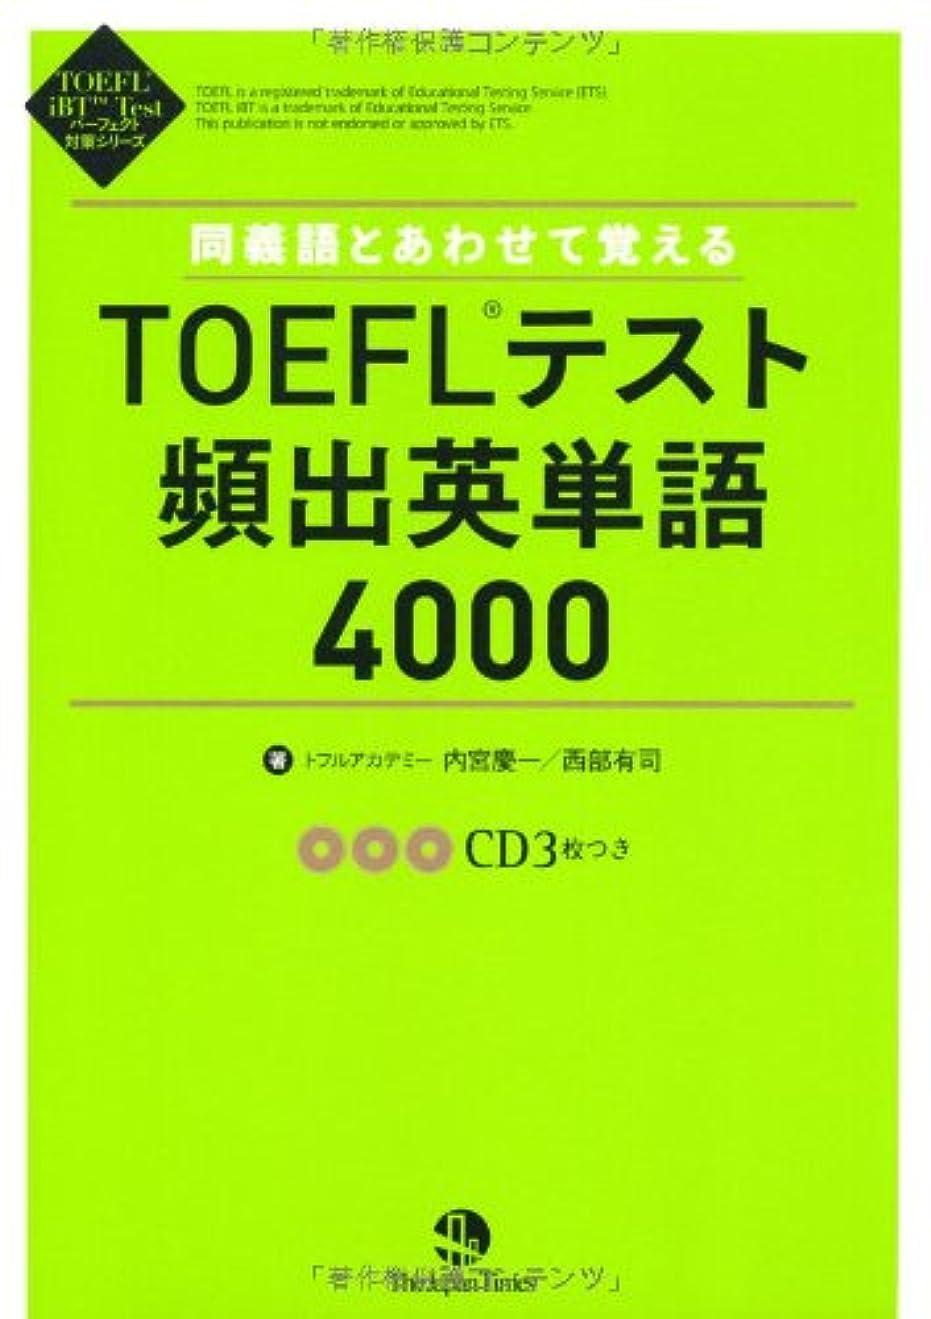 疑わしいインテリア仕様【CD付】はじめてのTOEFL ITPテスト完全対策 改訂版 (TOEFL(R)テスト大戦略)